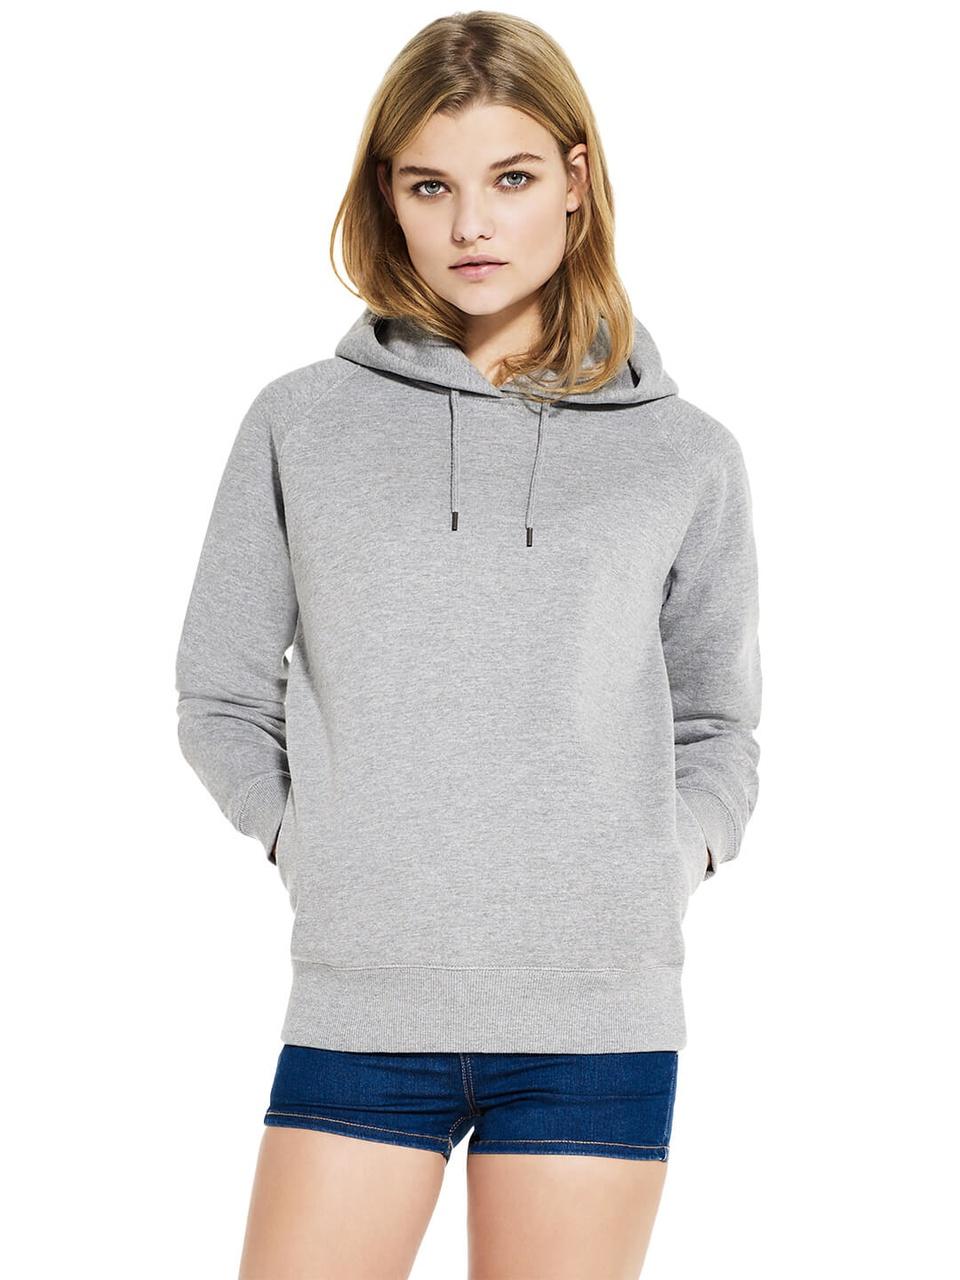 Damen Style Hooded Sweatshirt